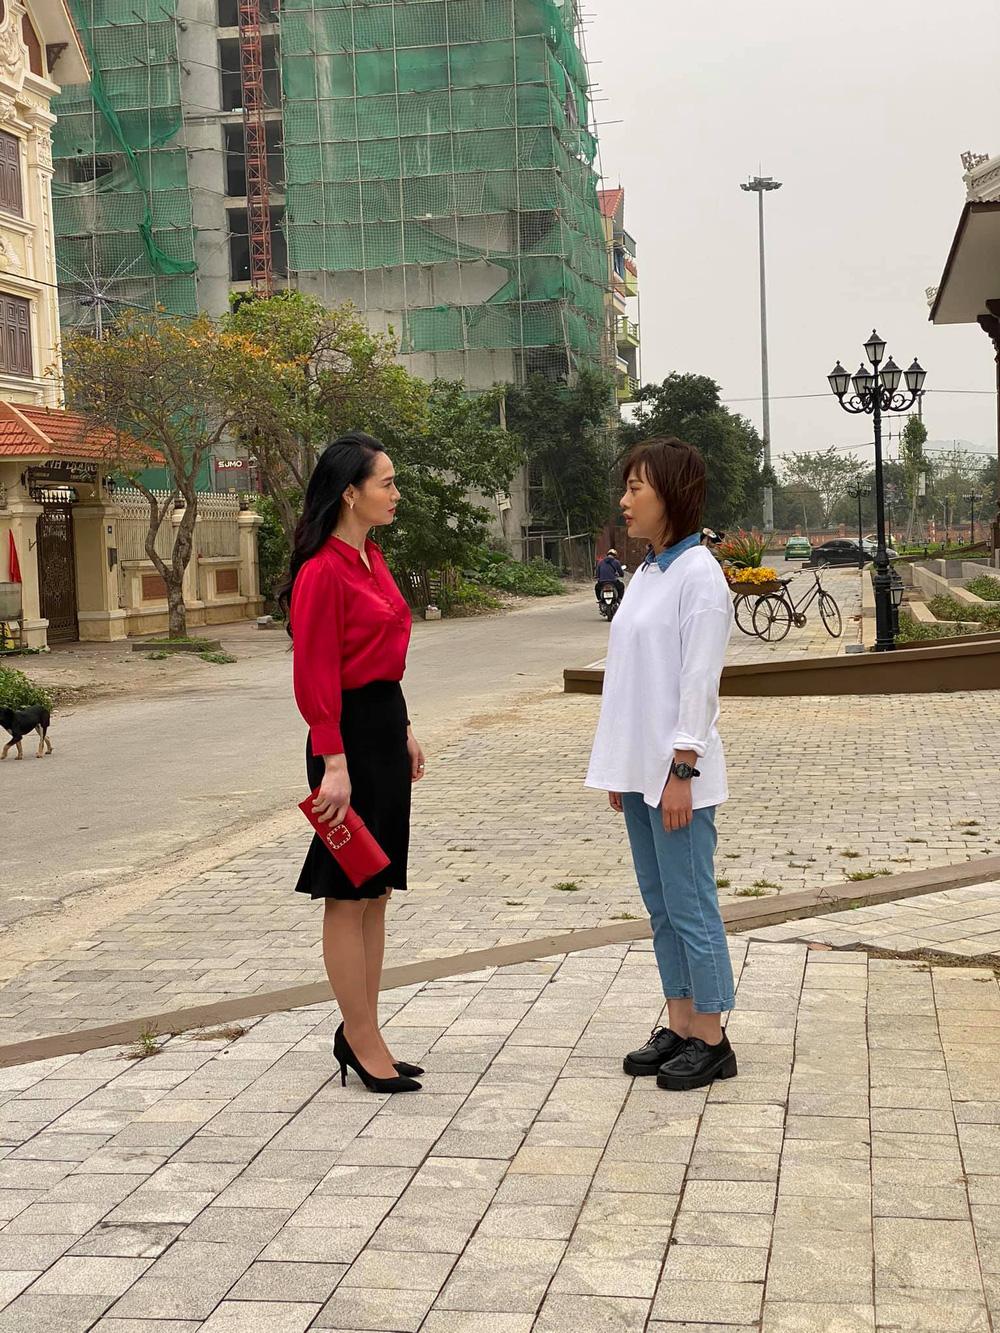 Hương vị tình thân: Bị ném đá trên phim nhưng bà Xuân cực đáng yêu ở hậu trường - Ảnh 1.